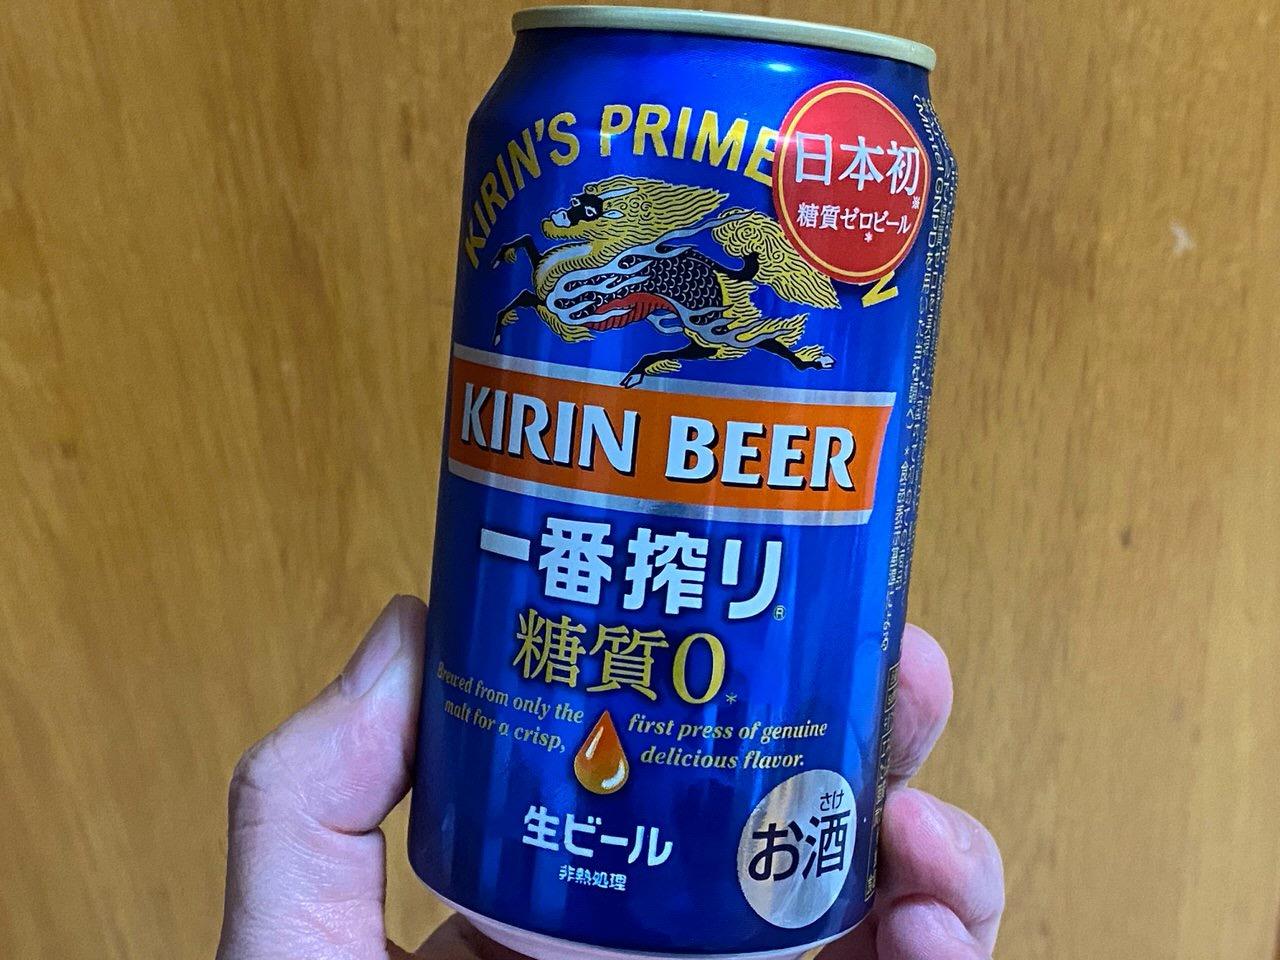 日本初の糖質ゼロ缶ビール「一番搾り 糖質0」は美味いのか?それともまずいのか?